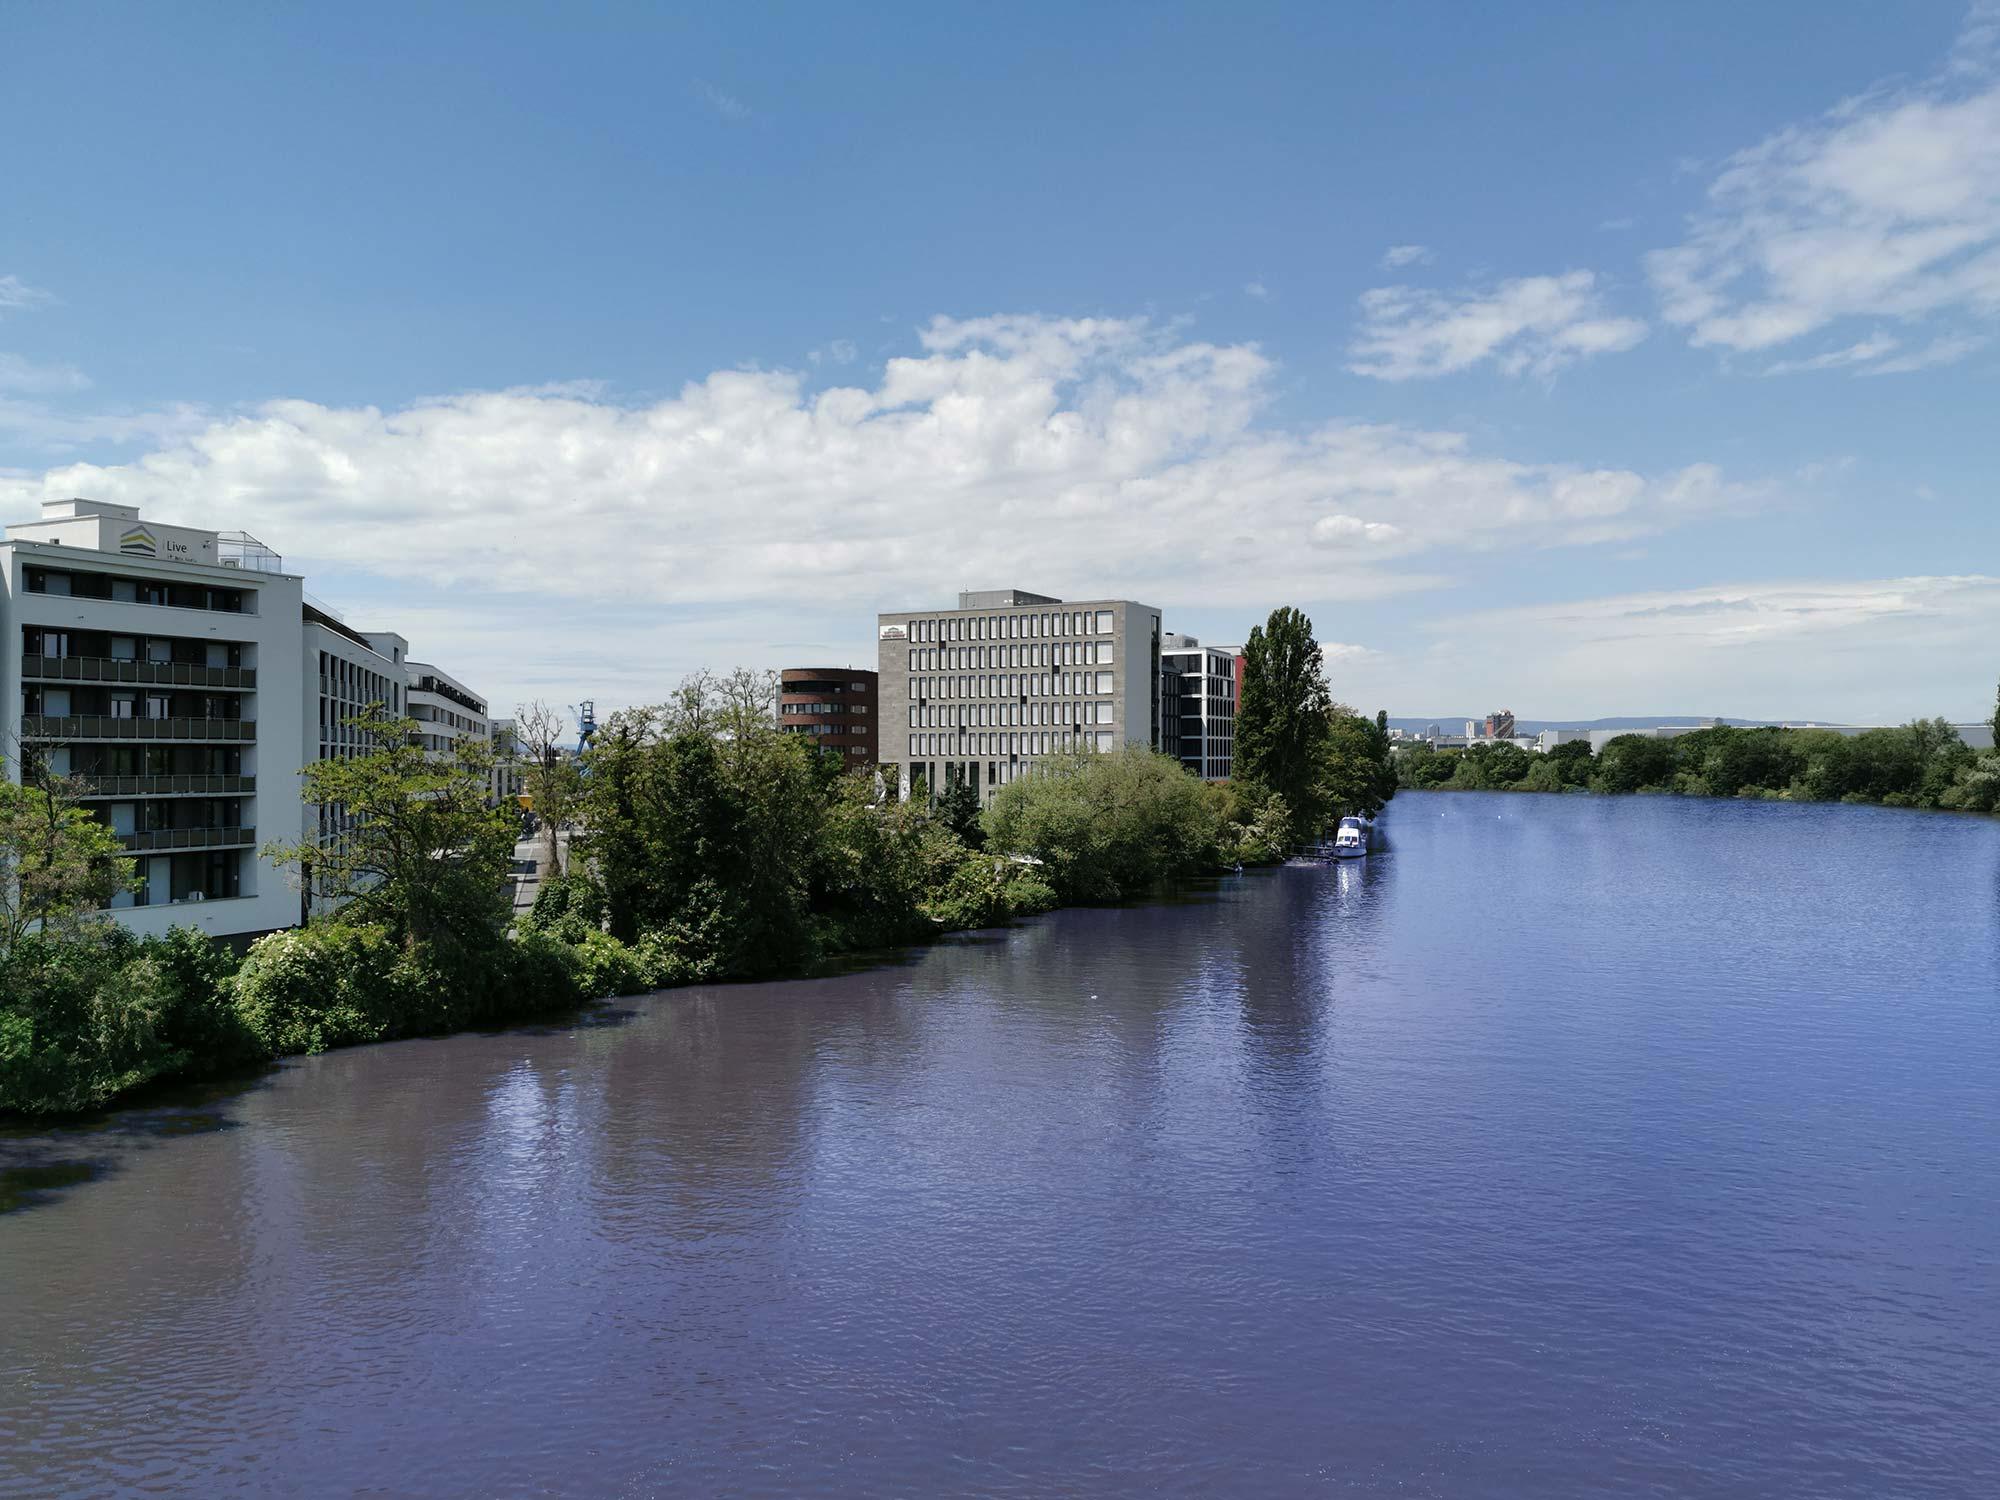 Hafenviertel Offenbach am Main - Wohnen am Fluß